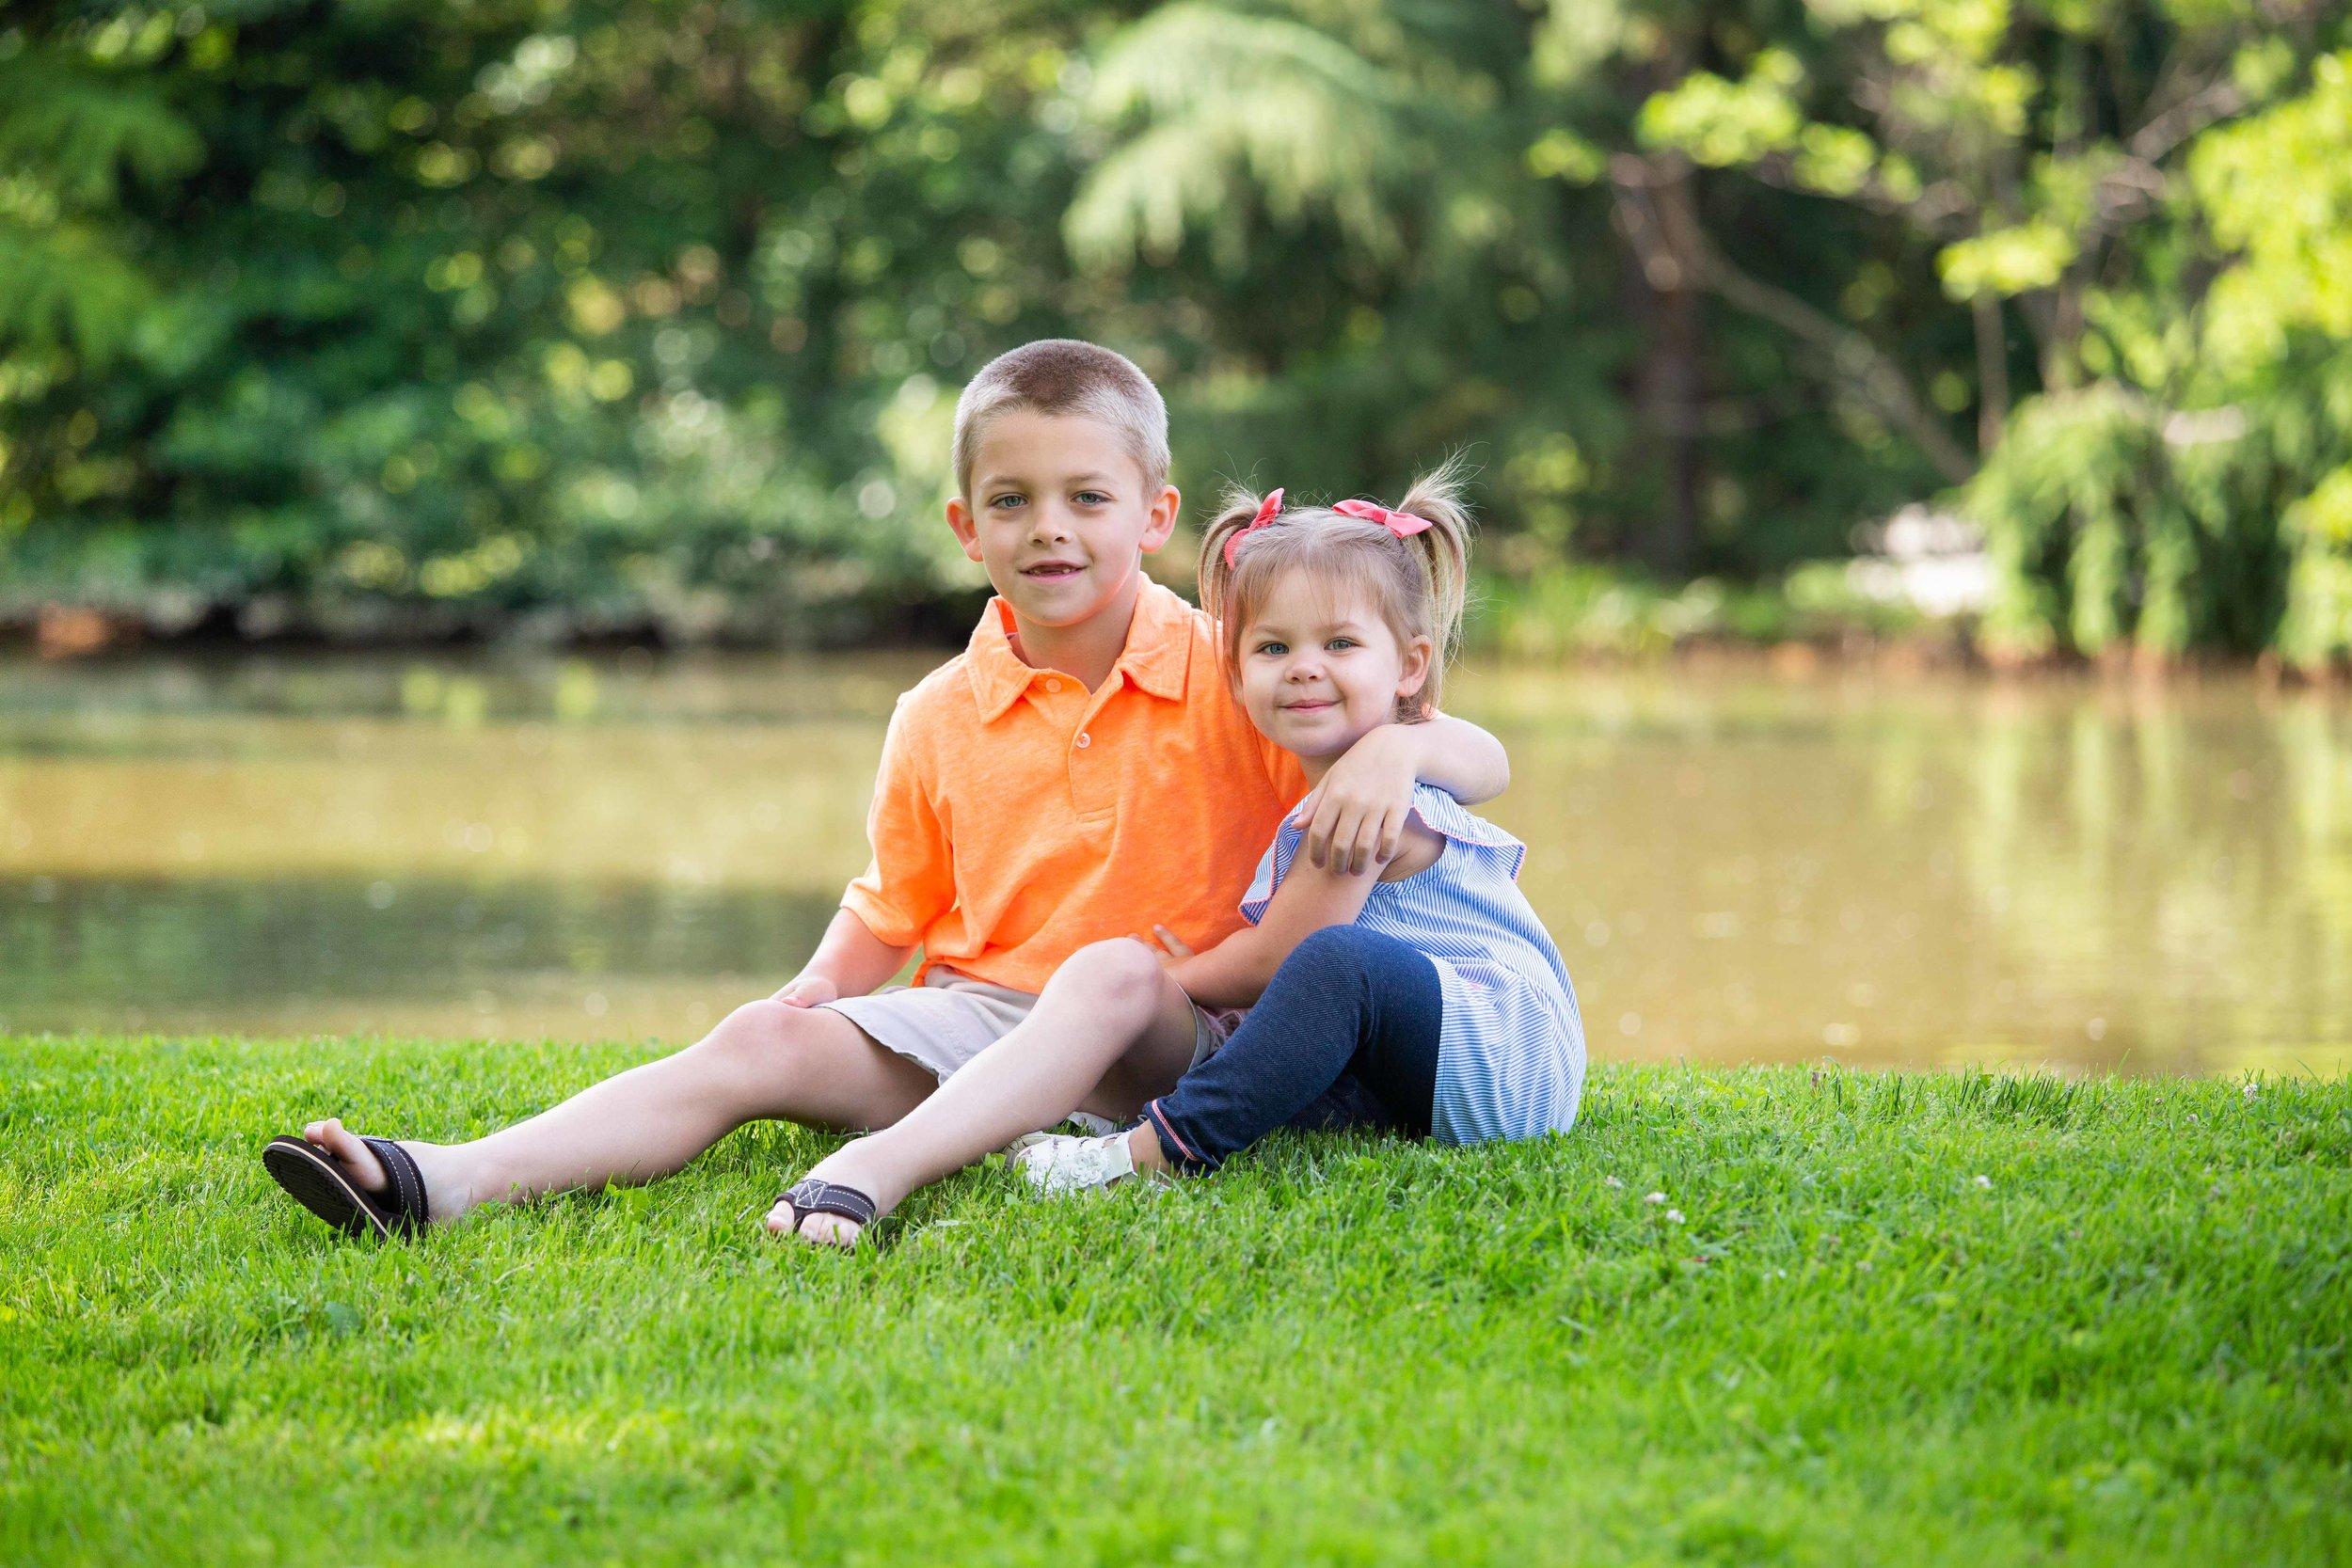 Children's portraits-3.jpg